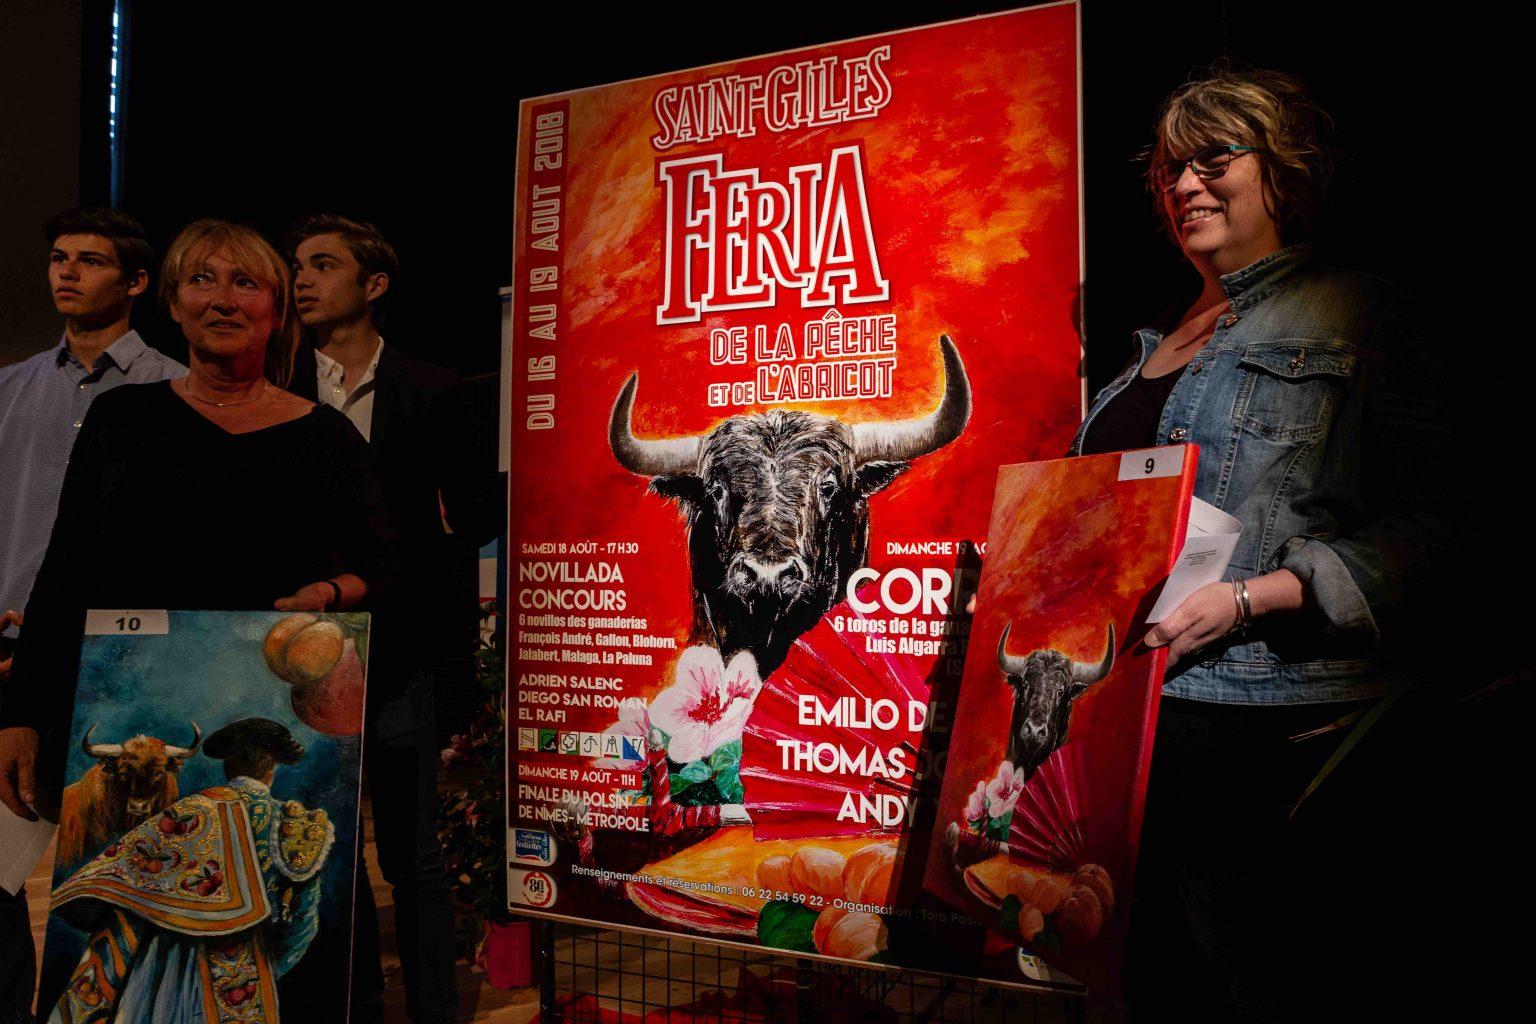 SAINT GILLES // La Feria 2019 se profile avec le concours d'affiches